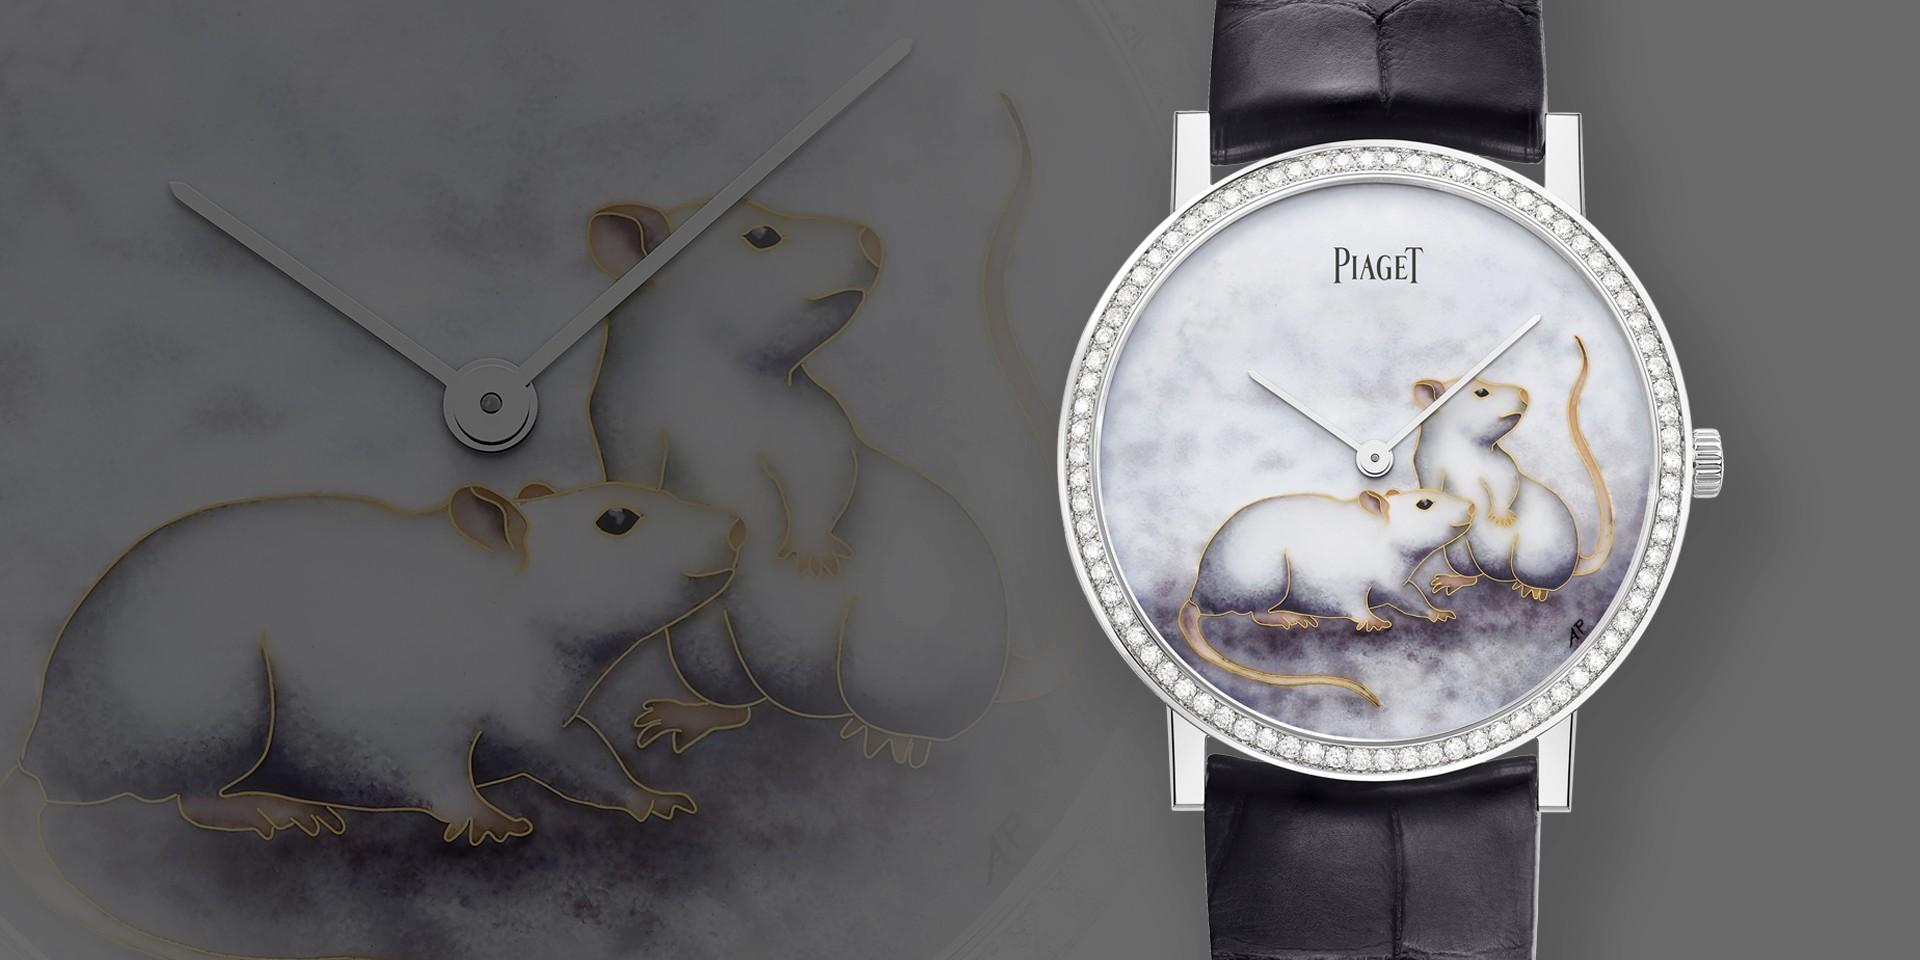 賀新年,伯爵攜手Anita Porchet大師推出Altiplano系列鼠年生肖掐絲琺瑯工藝錶盤限量腕錶